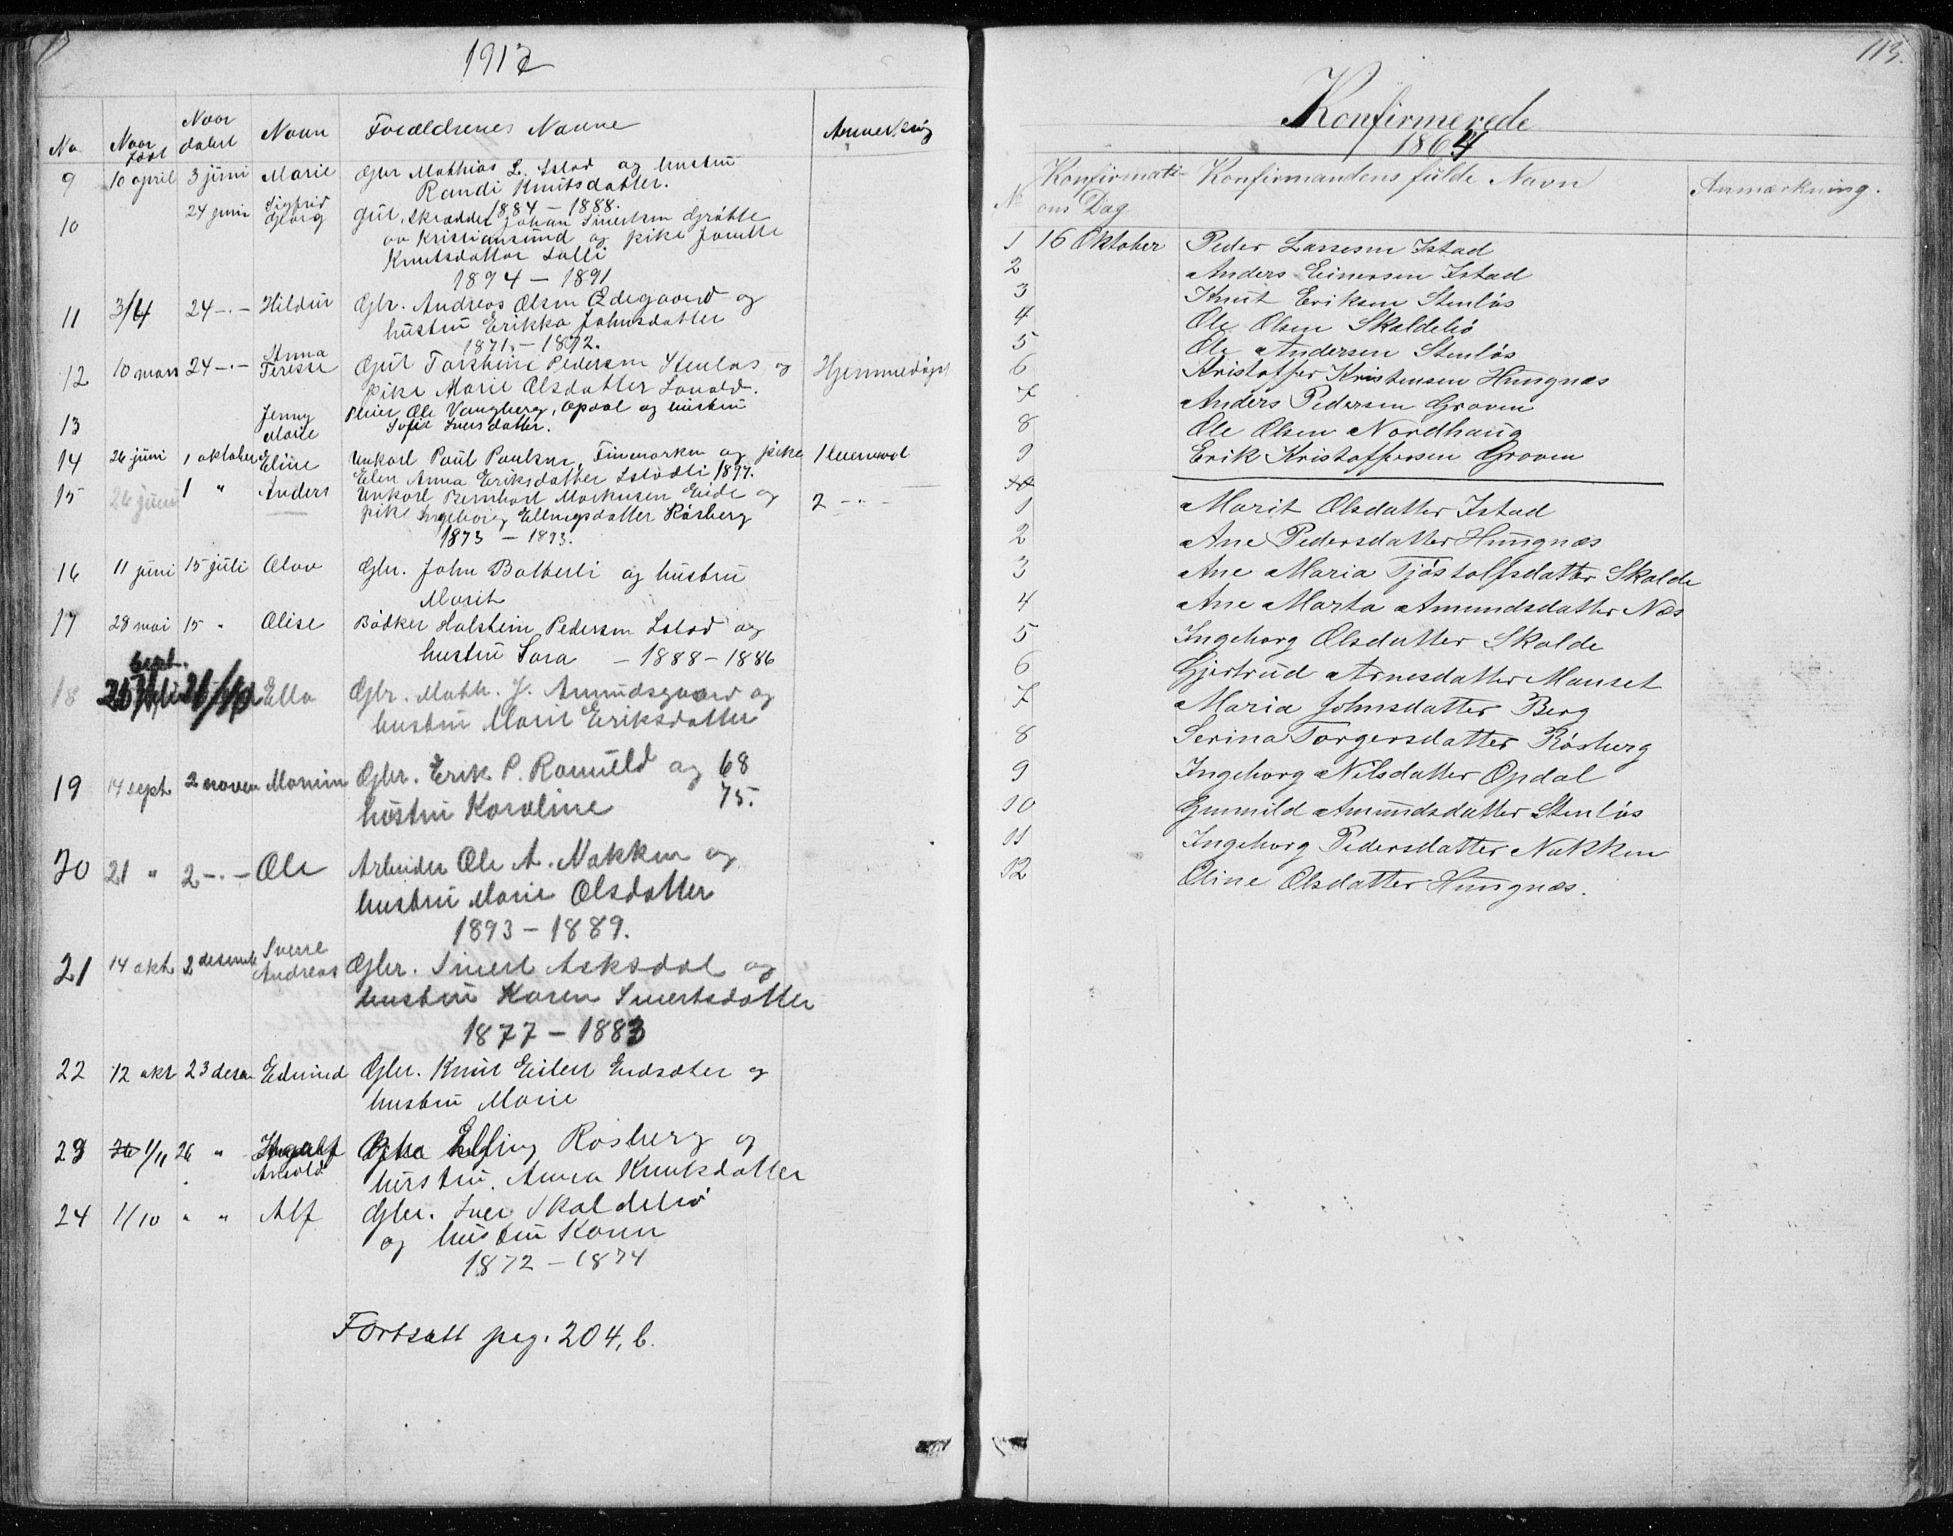 SAT, Ministerialprotokoller, klokkerbøker og fødselsregistre - Møre og Romsdal, 557/L0684: Klokkerbok nr. 557C02, 1863-1944, s. 113